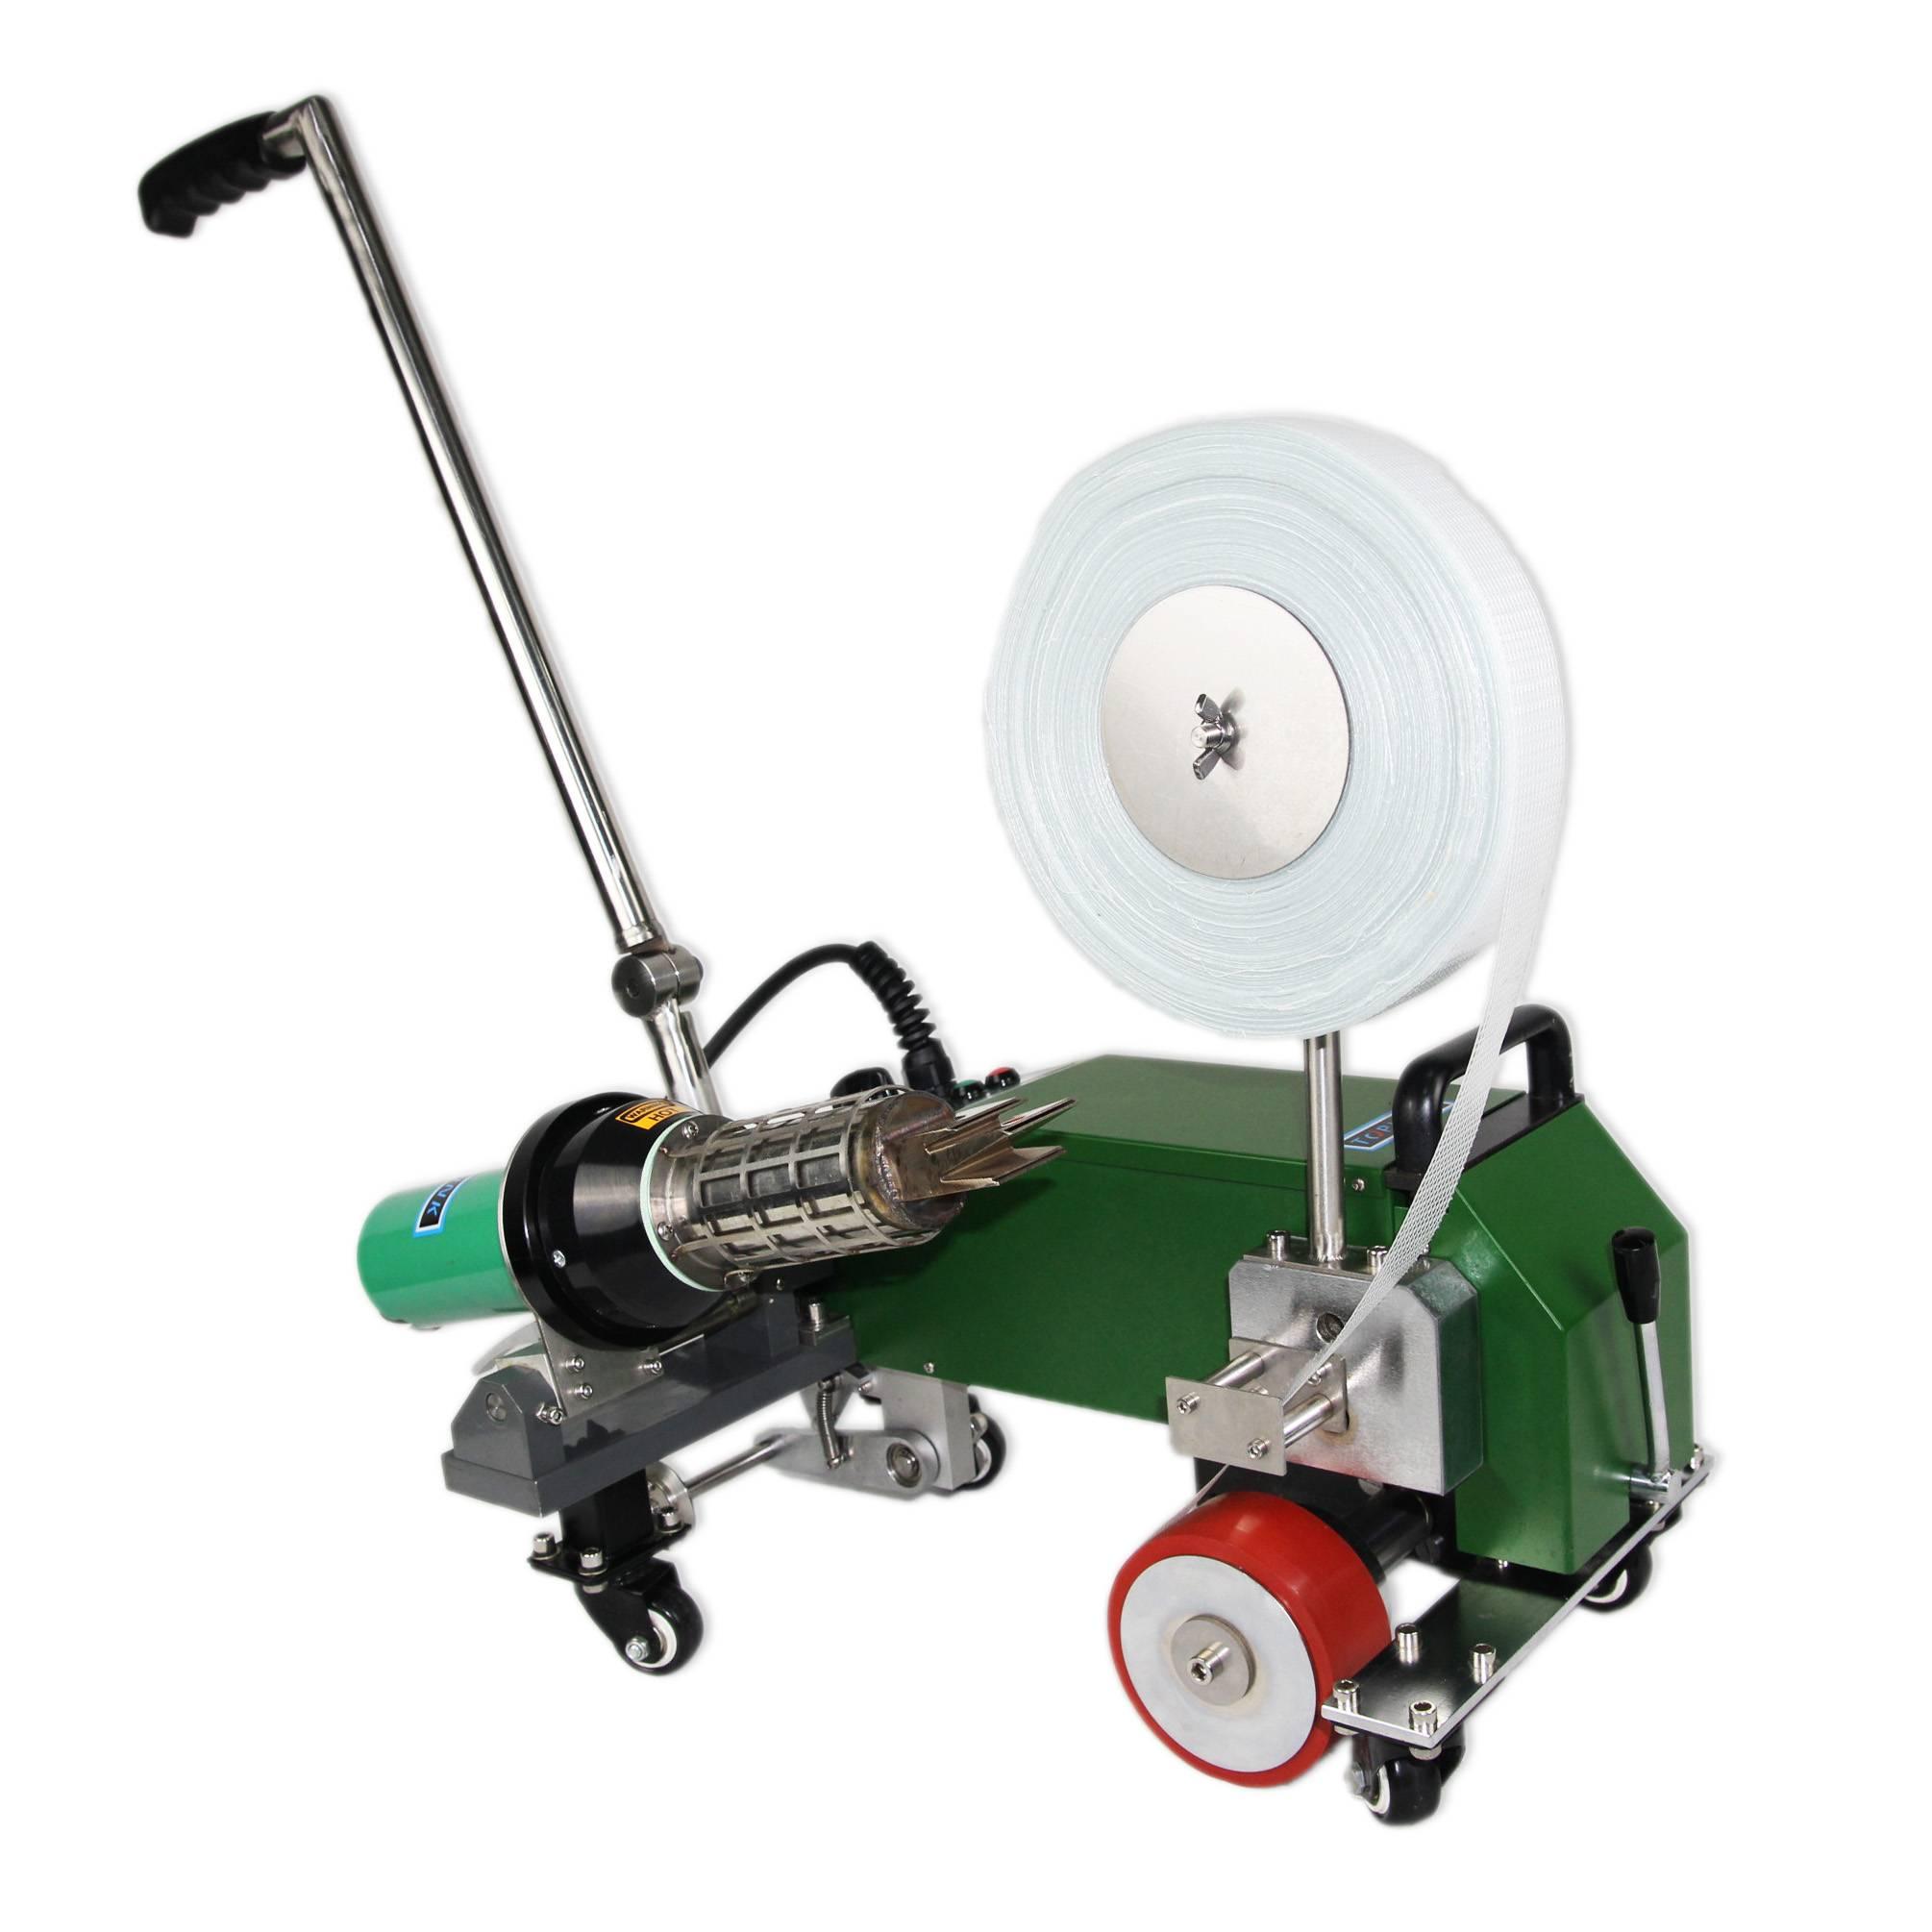 Leister hot air welder\Plastic sheet hot air welder\PVC hot air welder